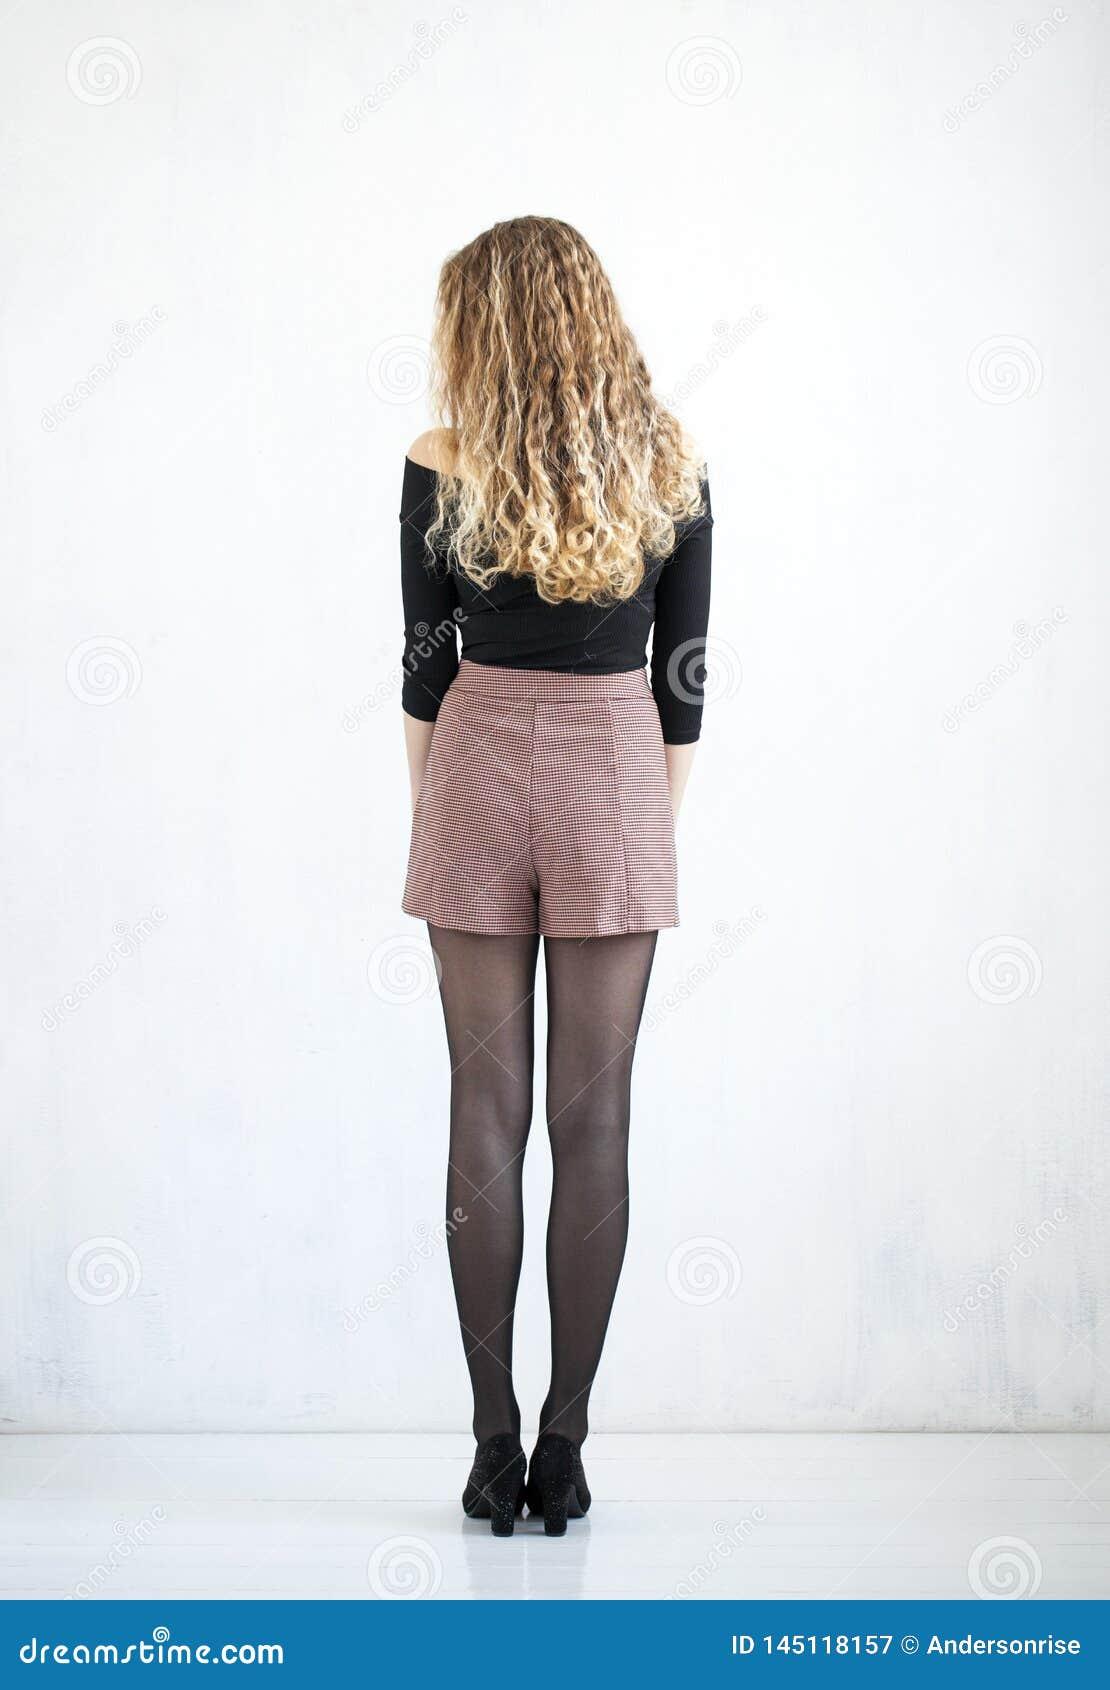 Stående av den lockiga blondinen för full längd i en svart blus och en kort kjol